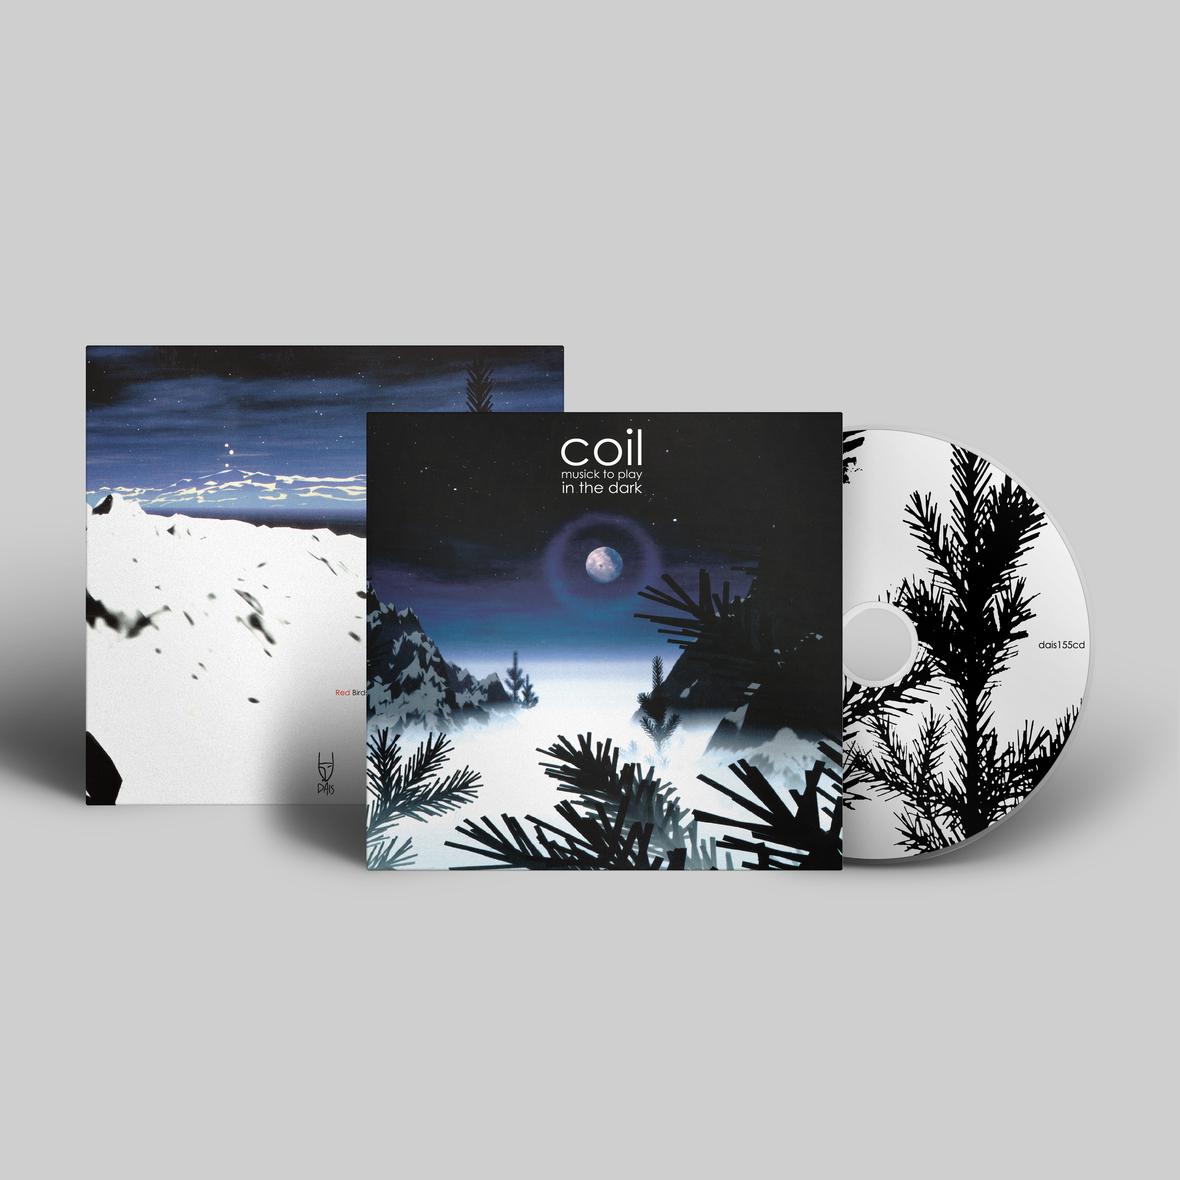 DAIS155 mockup CD 02